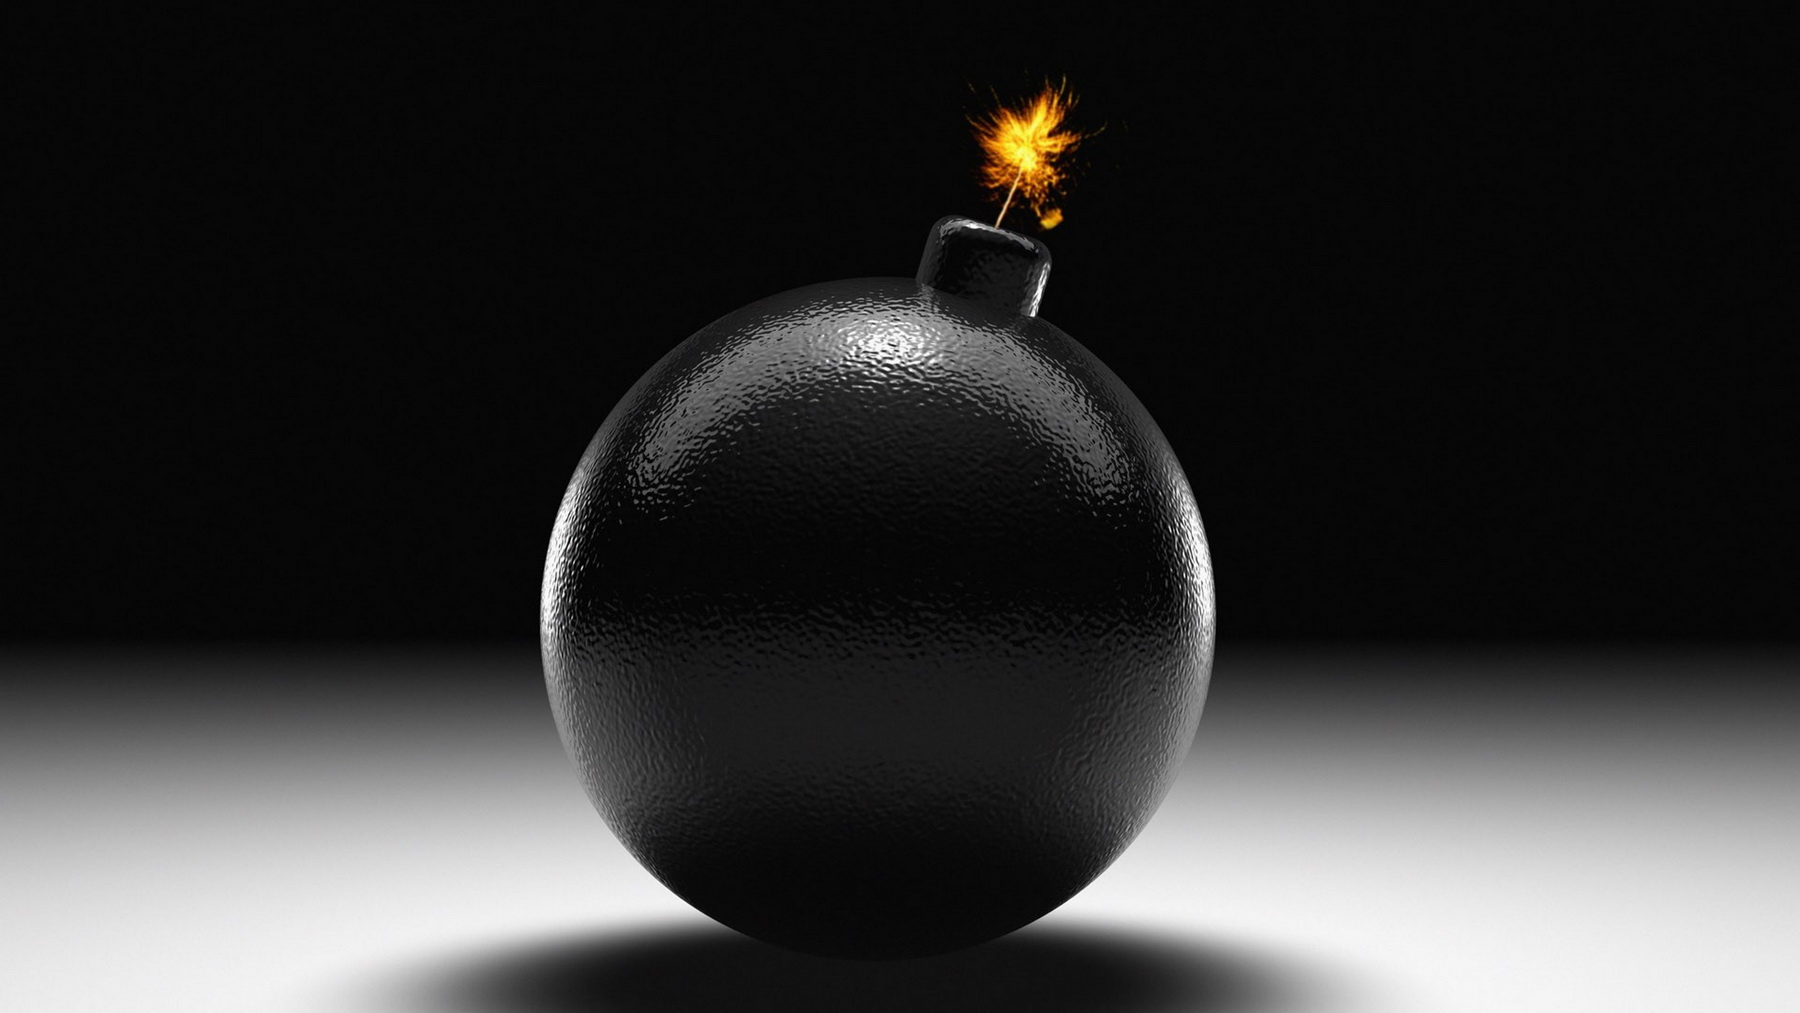 Спамеры-вымогатели пугают пользователей ложными сообщениями о взрывных устройствах